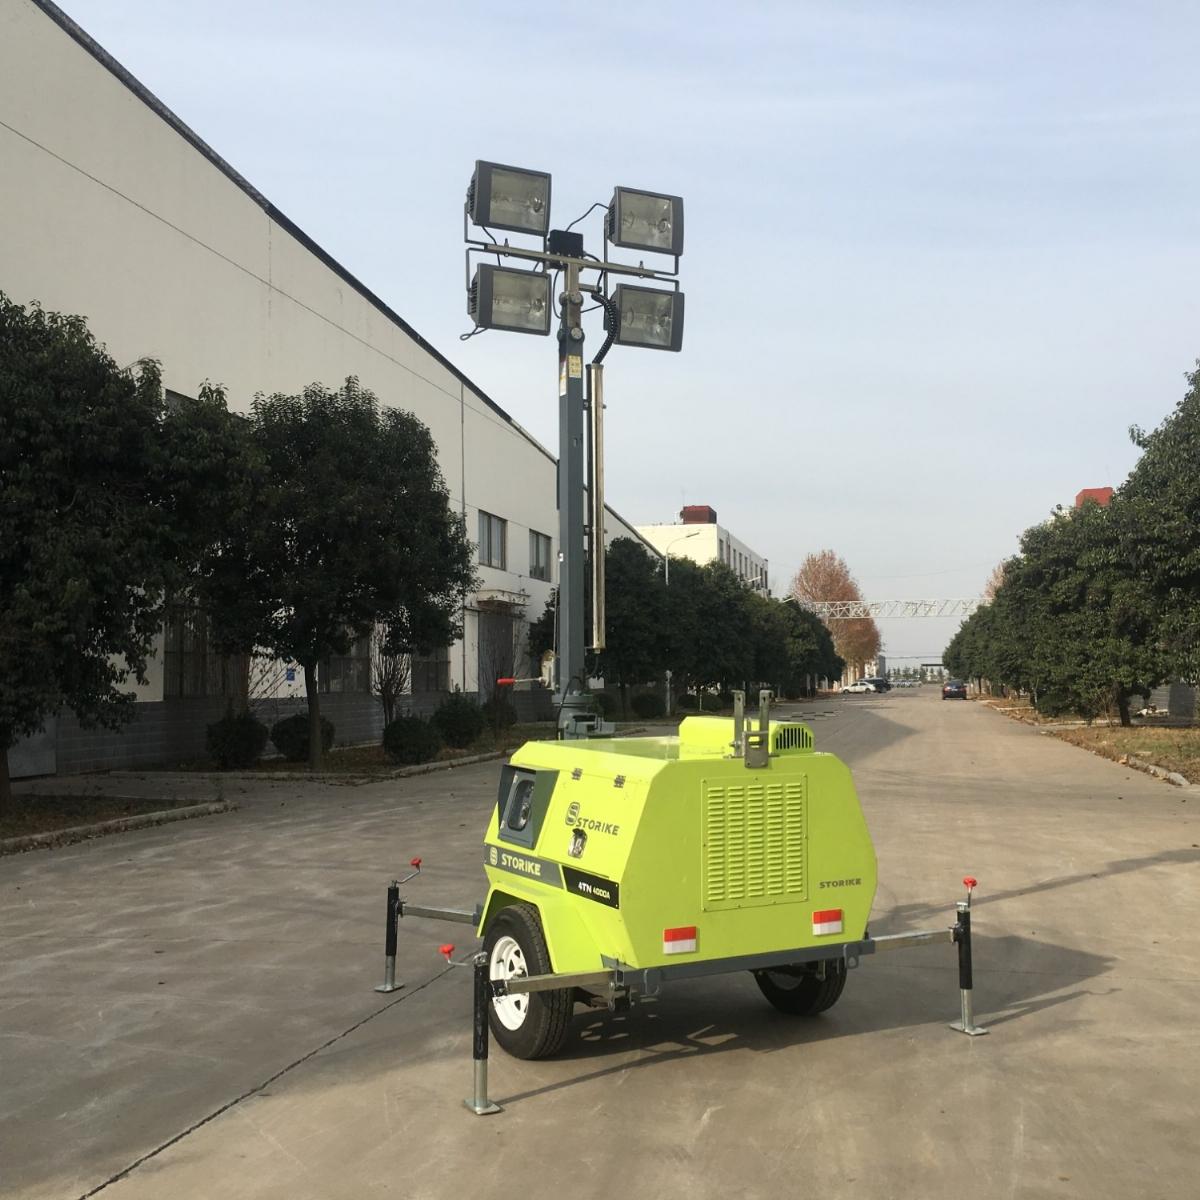 9米移动照明车使用说明之八大要点及操作步骤